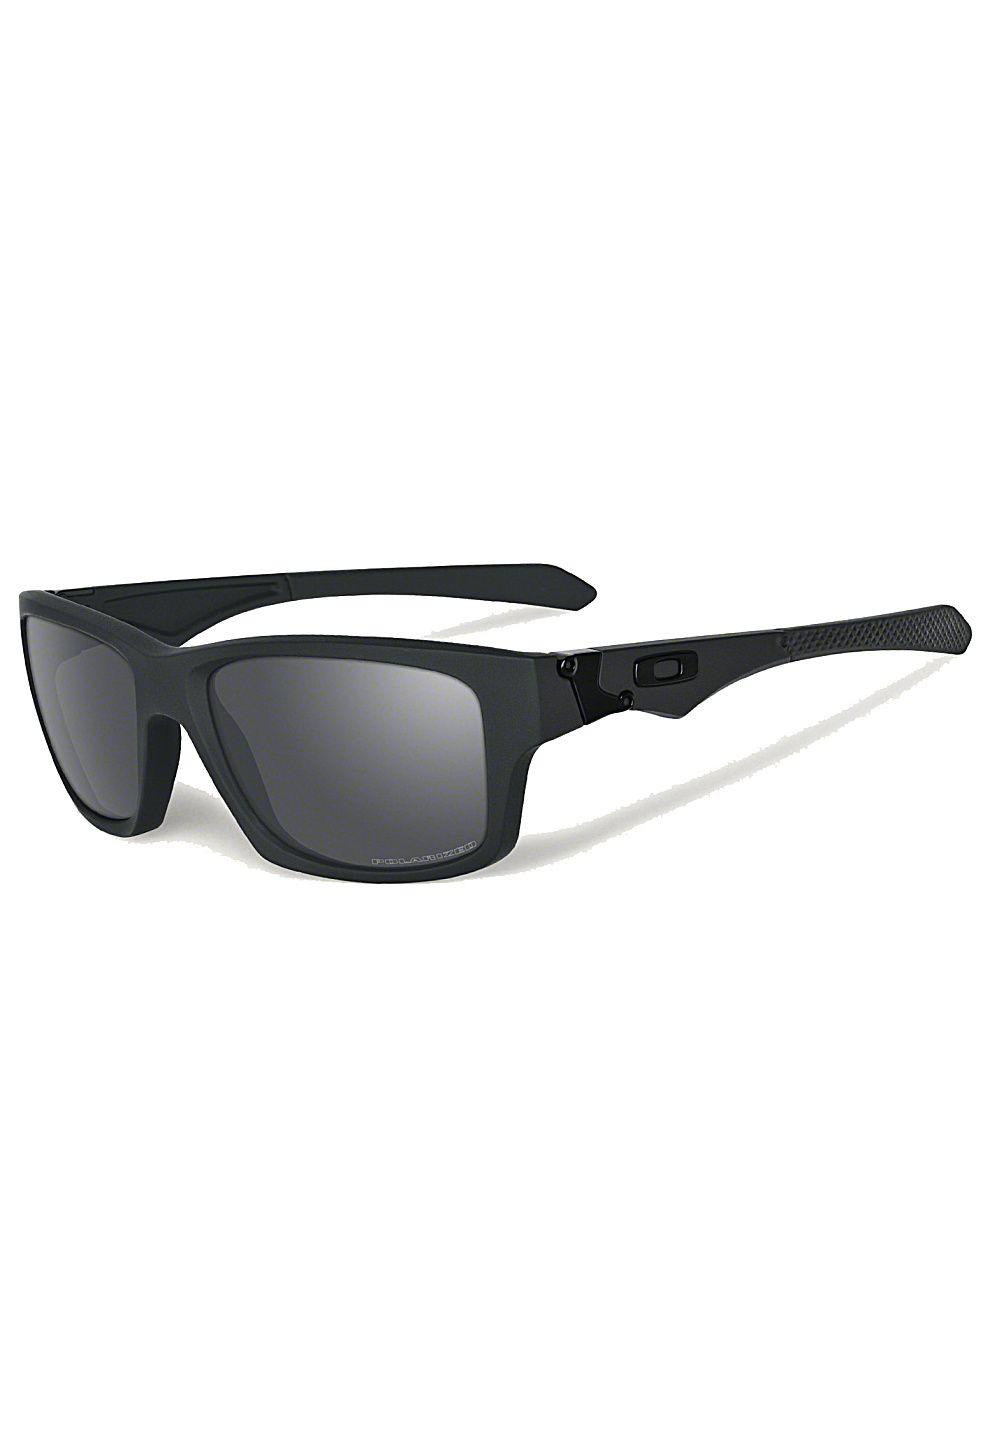 29230ba99149ff Oakley Jupiter Squared - Lunettes de soleil pour Homme - Noir Oakley,  Boutiques, Boutique